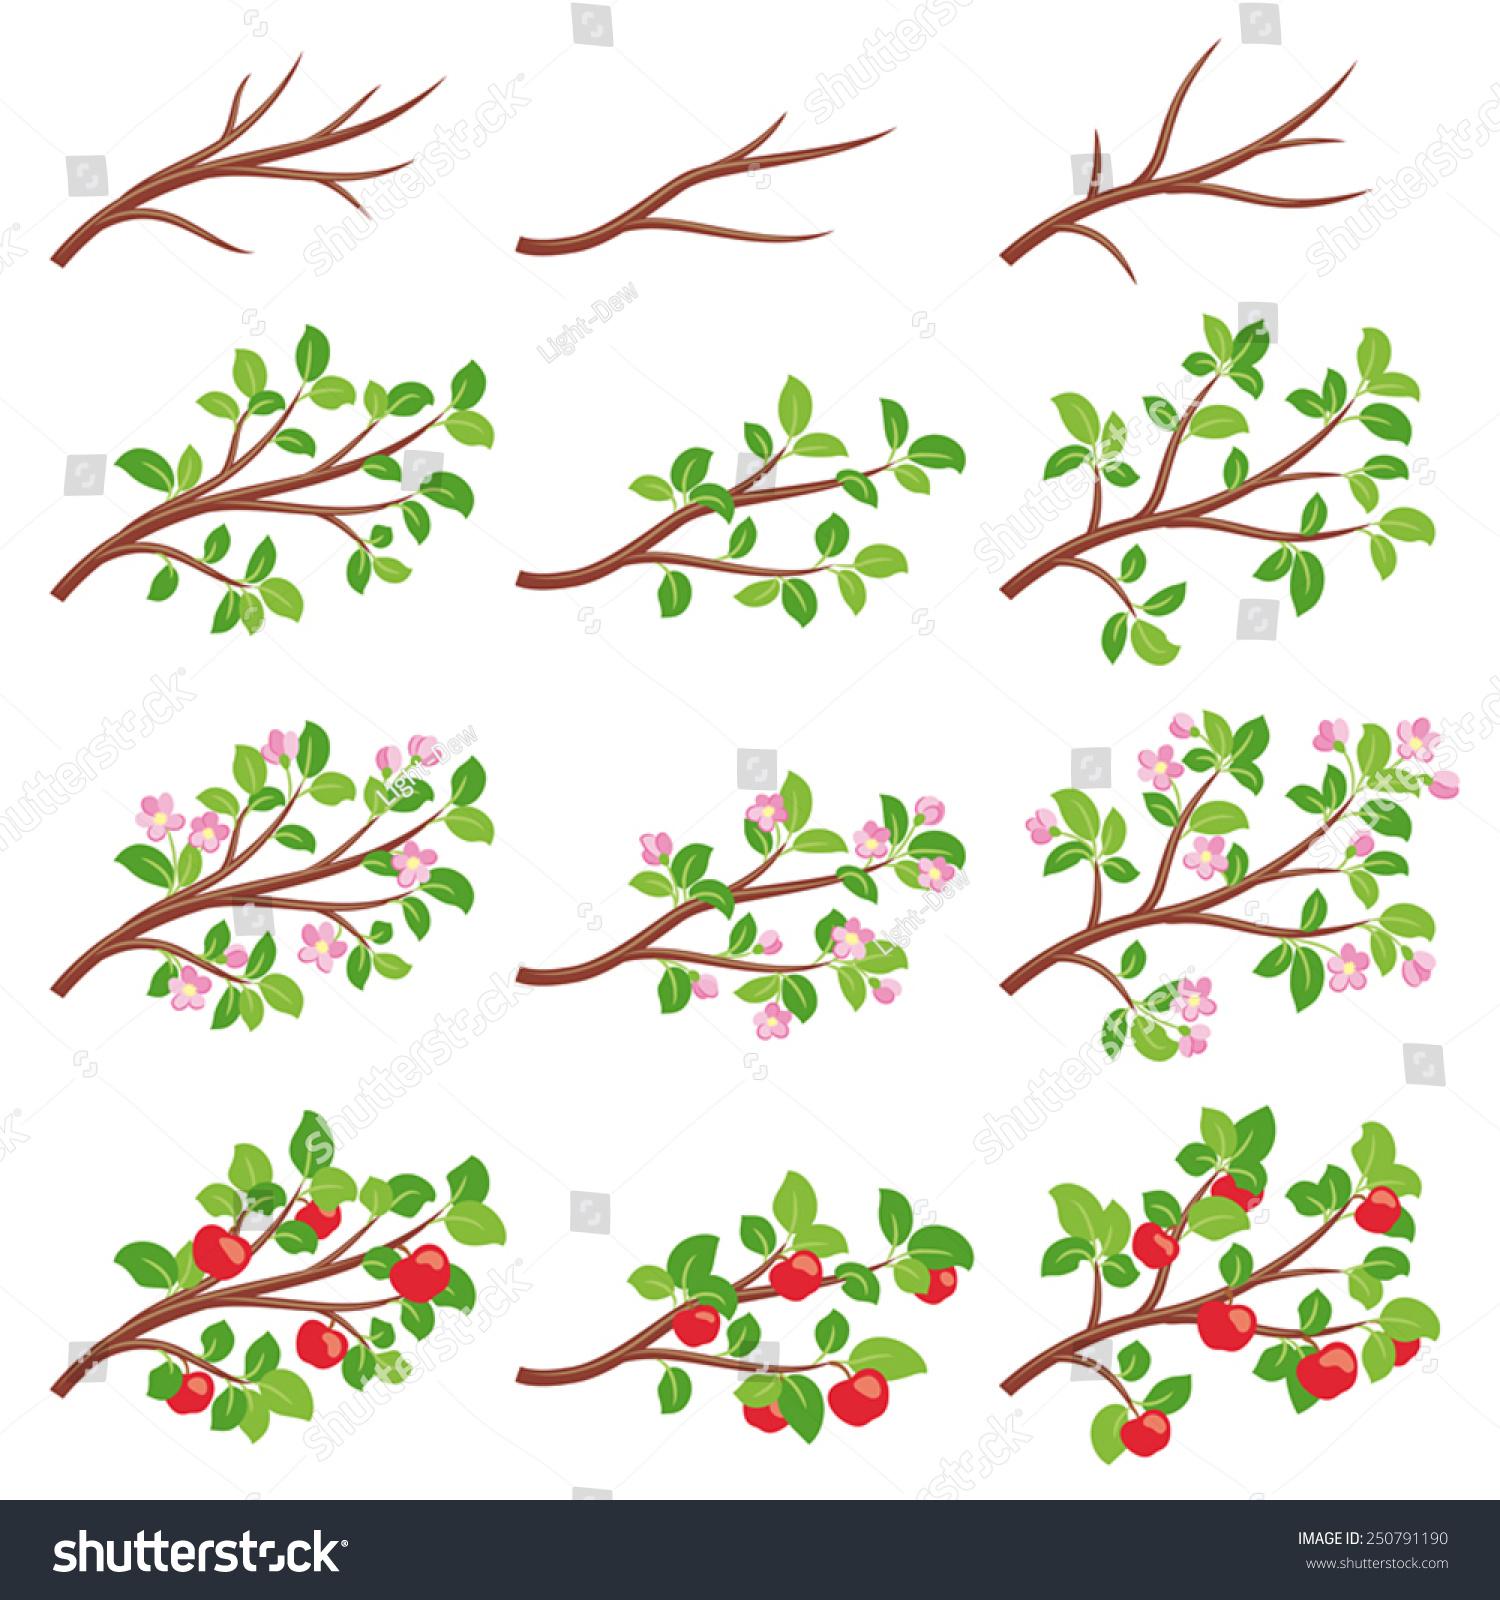 苹果树枝在不同季节-自然,抽象-海洛创意(hellorf)--.